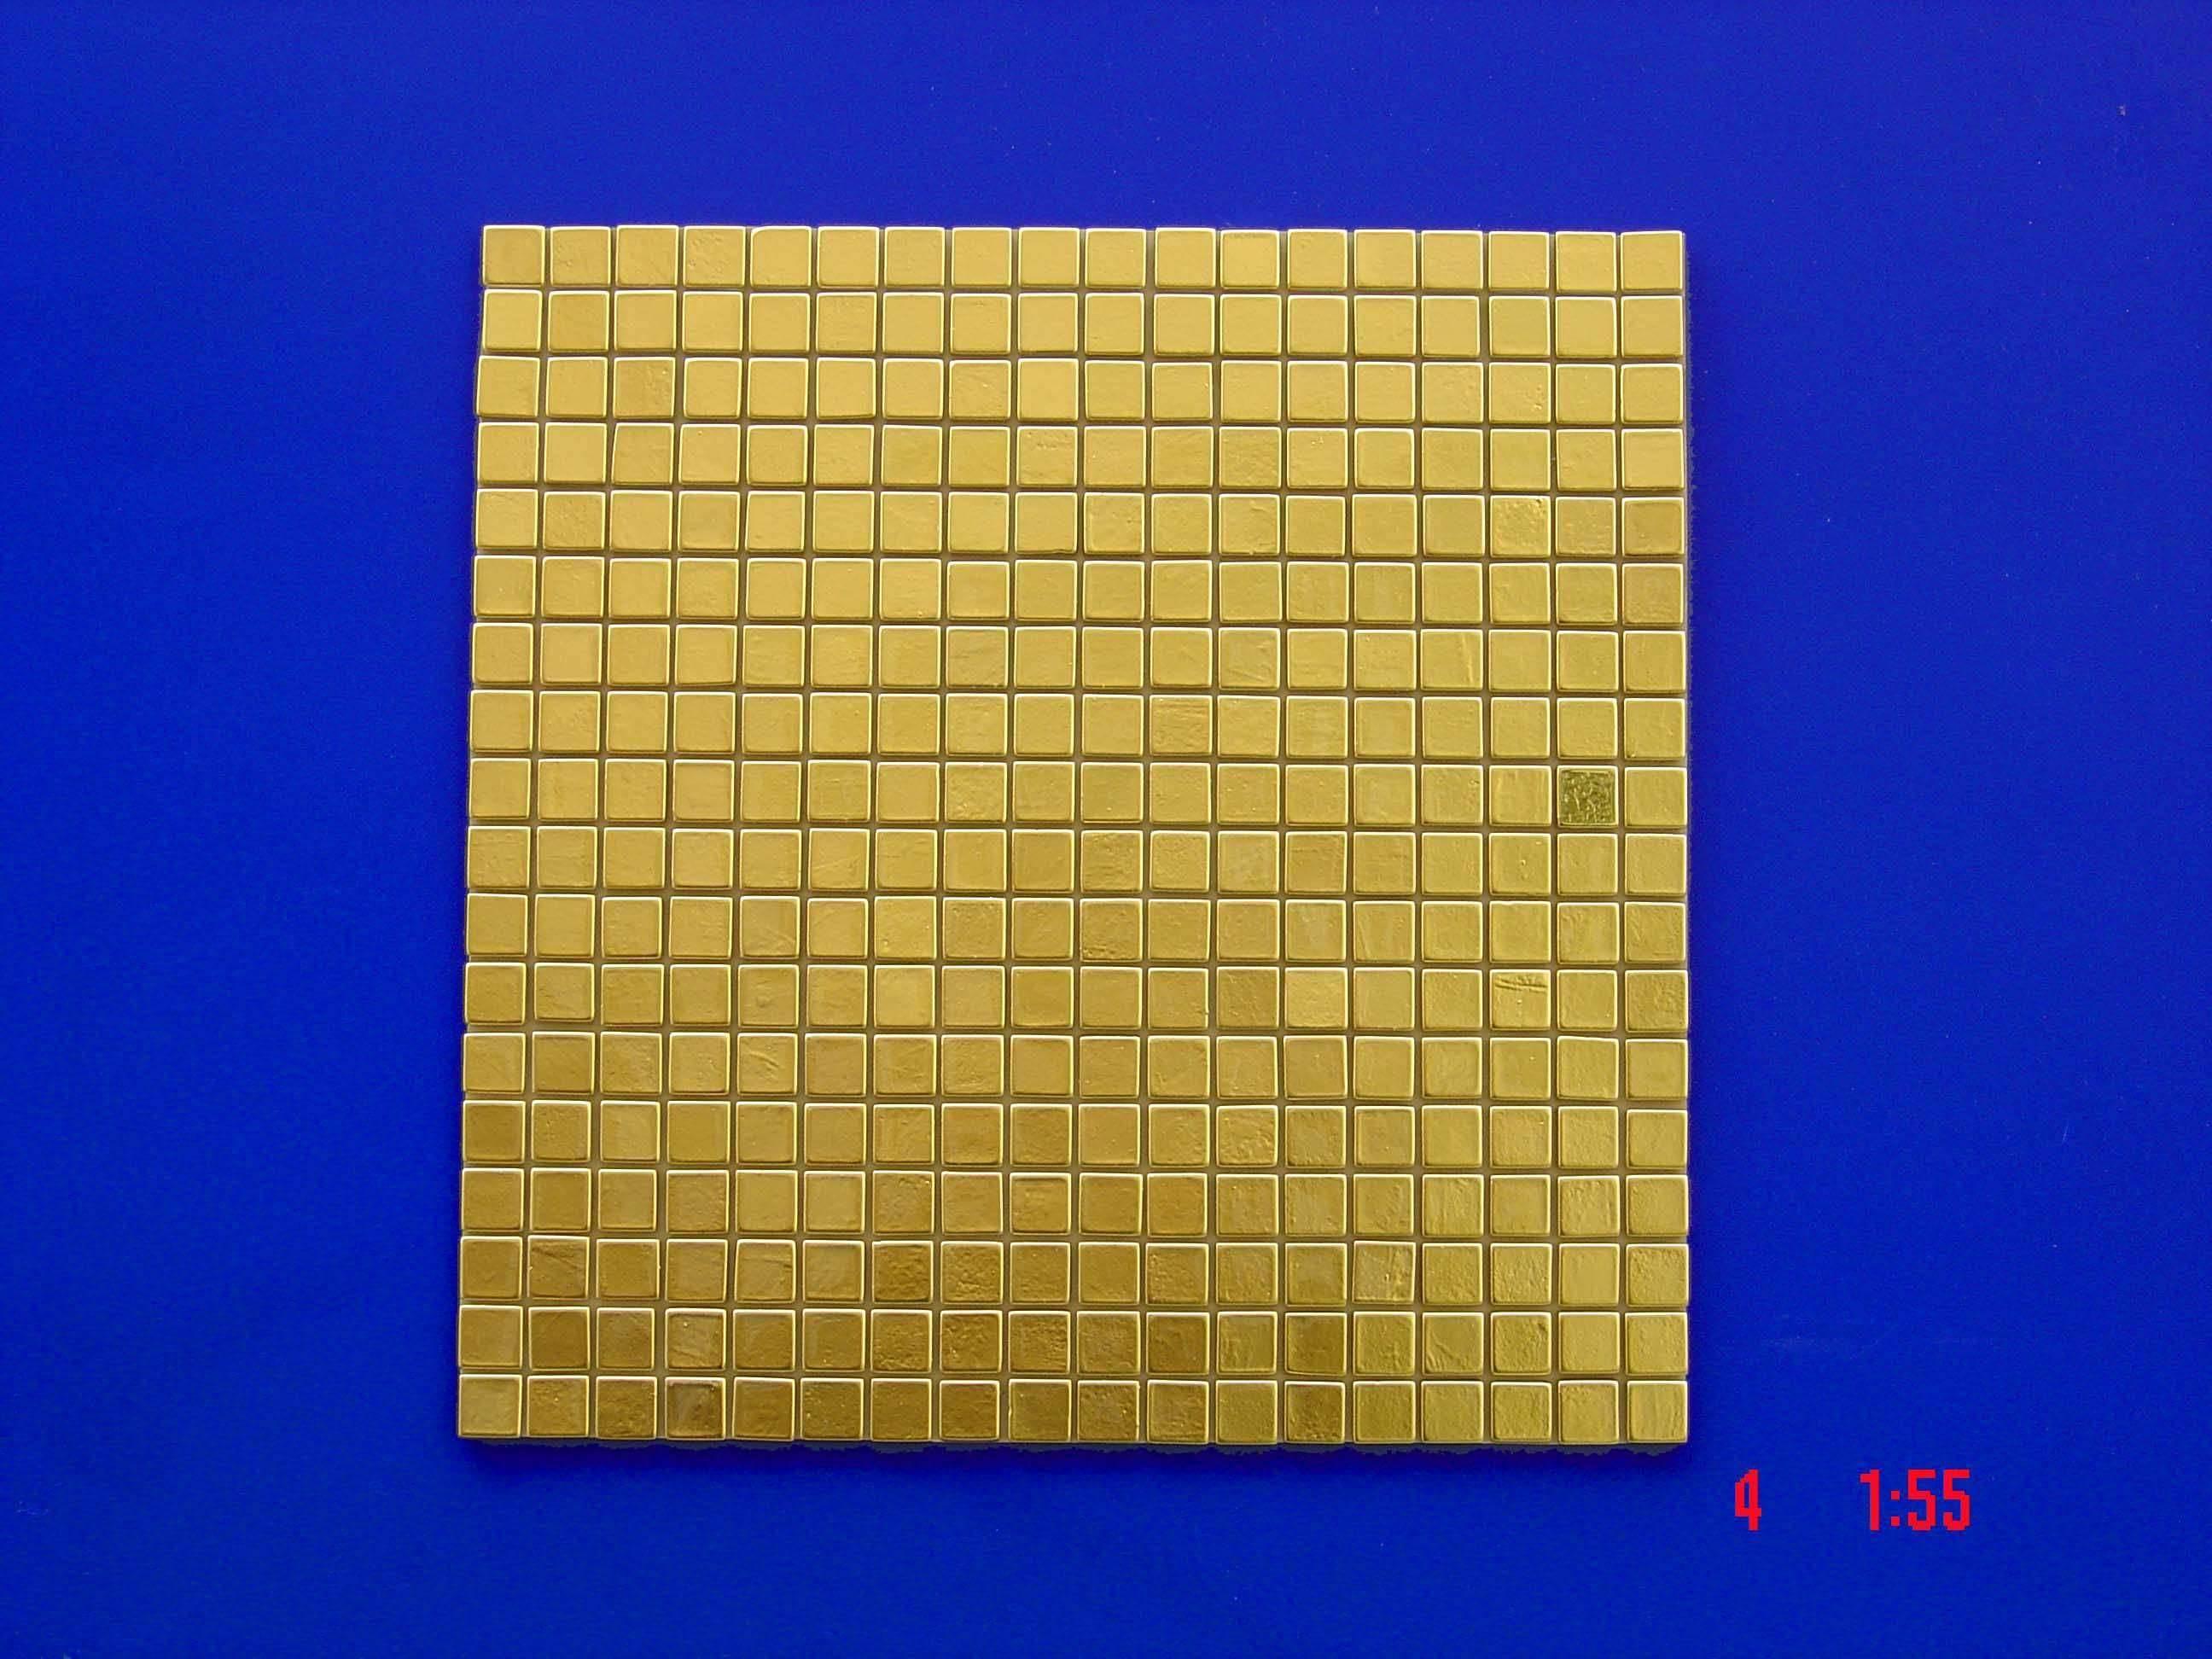 镀金玻璃马赛克产品图片,镀金玻璃马赛克产品相册 - g